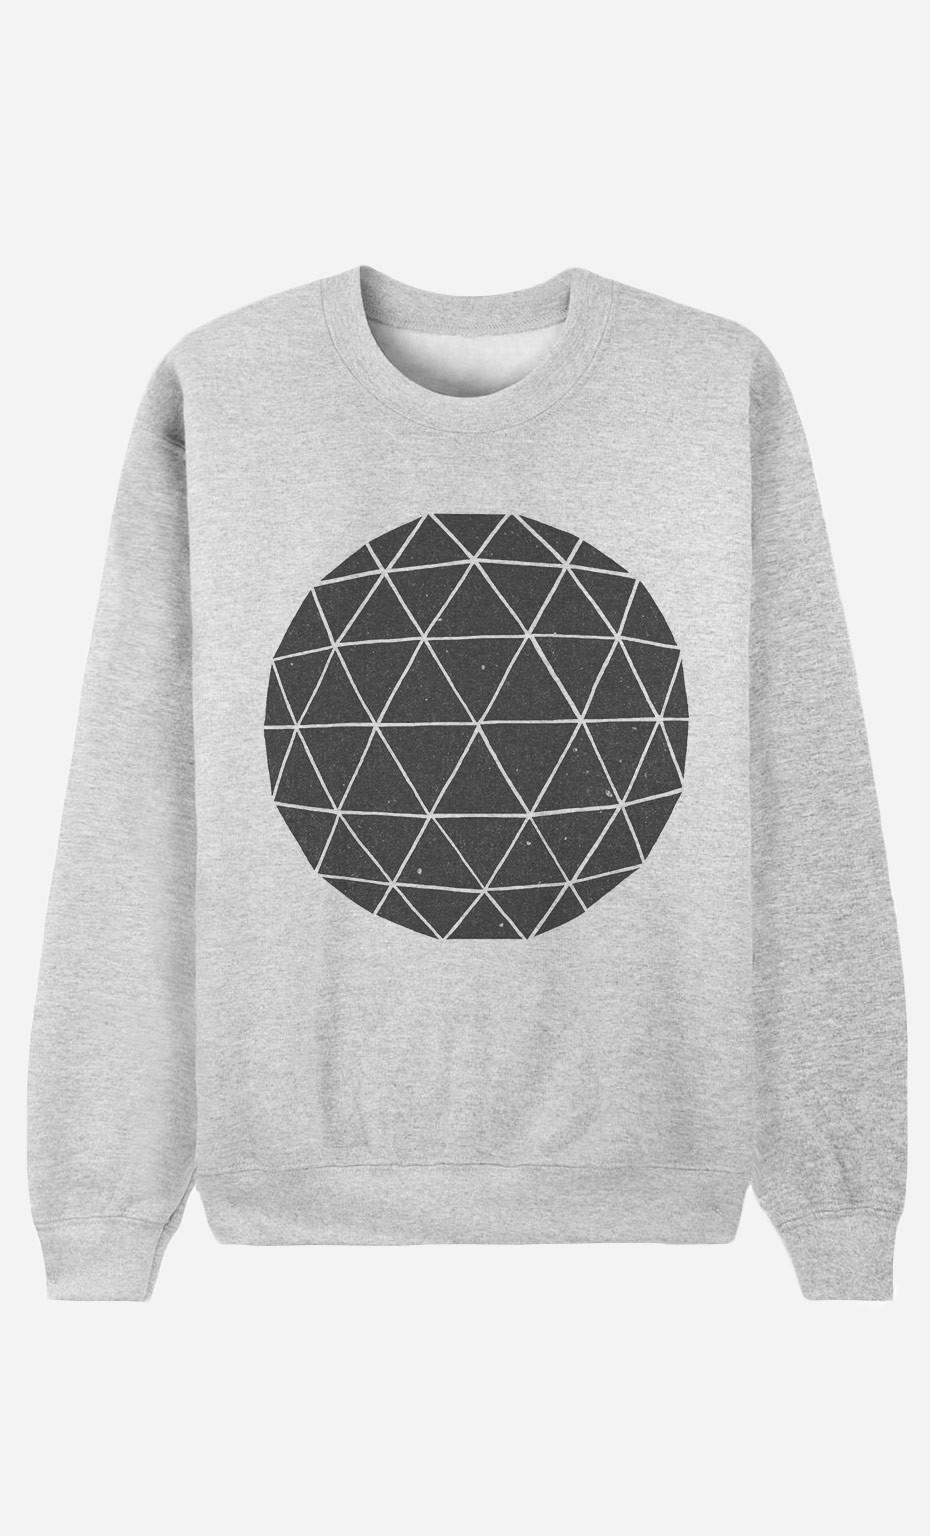 Sweatshirt Geodesic